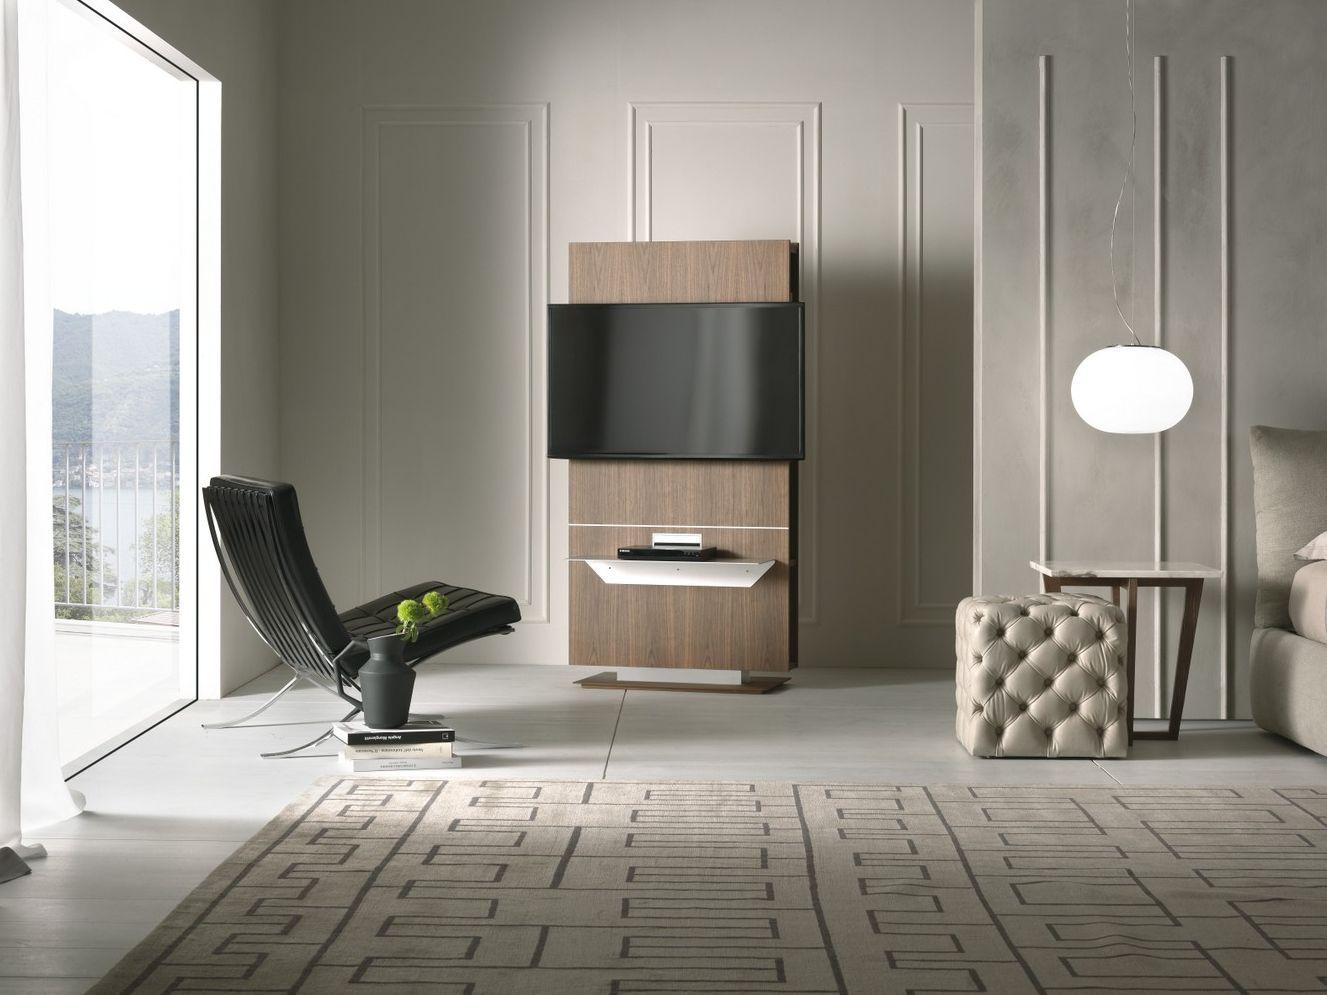 Lounge mobile tv by pacini cappellini design fabio rebosio for Mobile porta tv girevole design